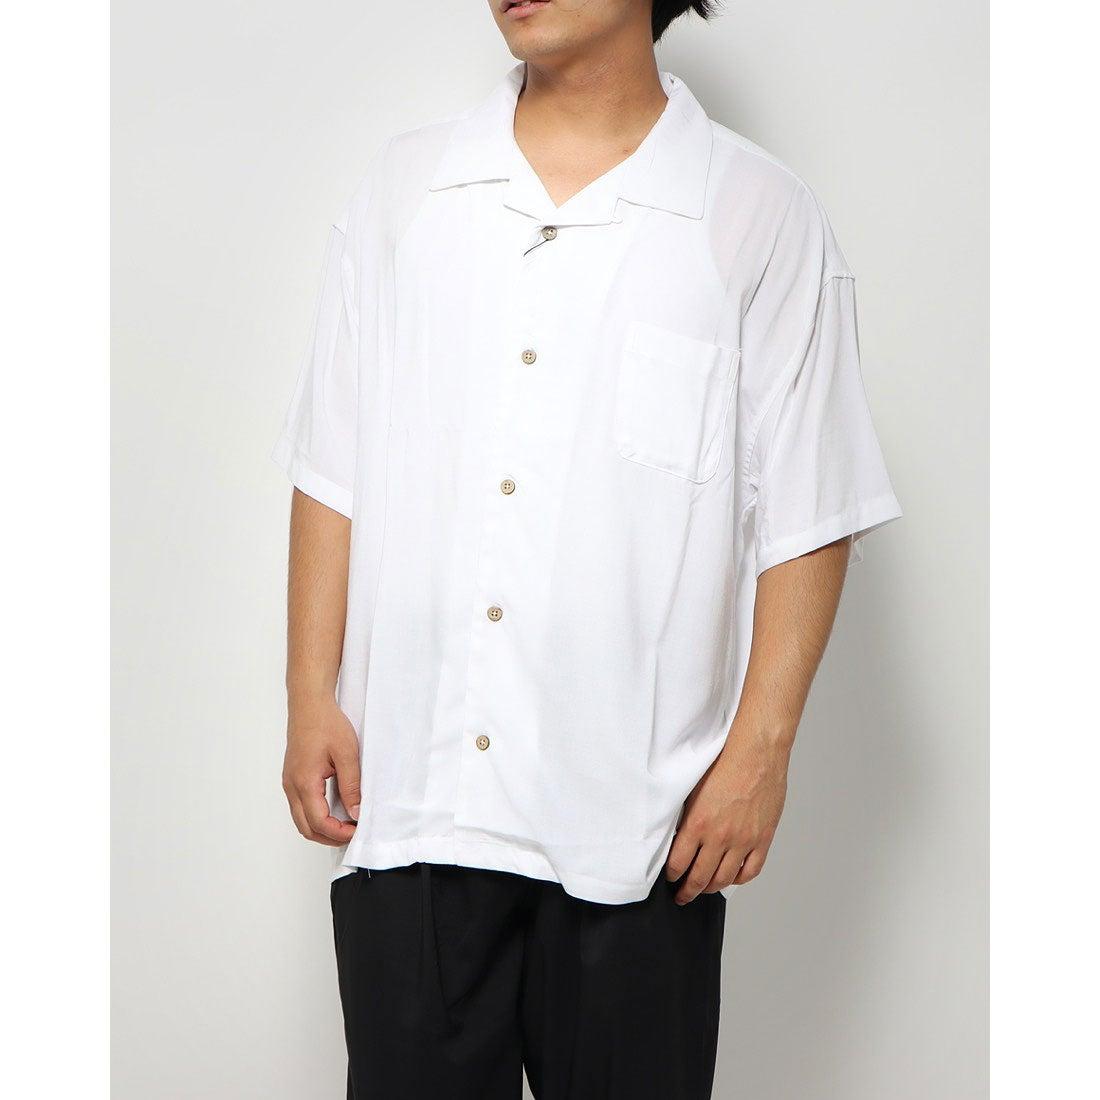 ロコンド 靴とファッションの通販サイトスタイルブロック STYLEBLOCK レーヨンビッグオープンシャツ (ホワイト)